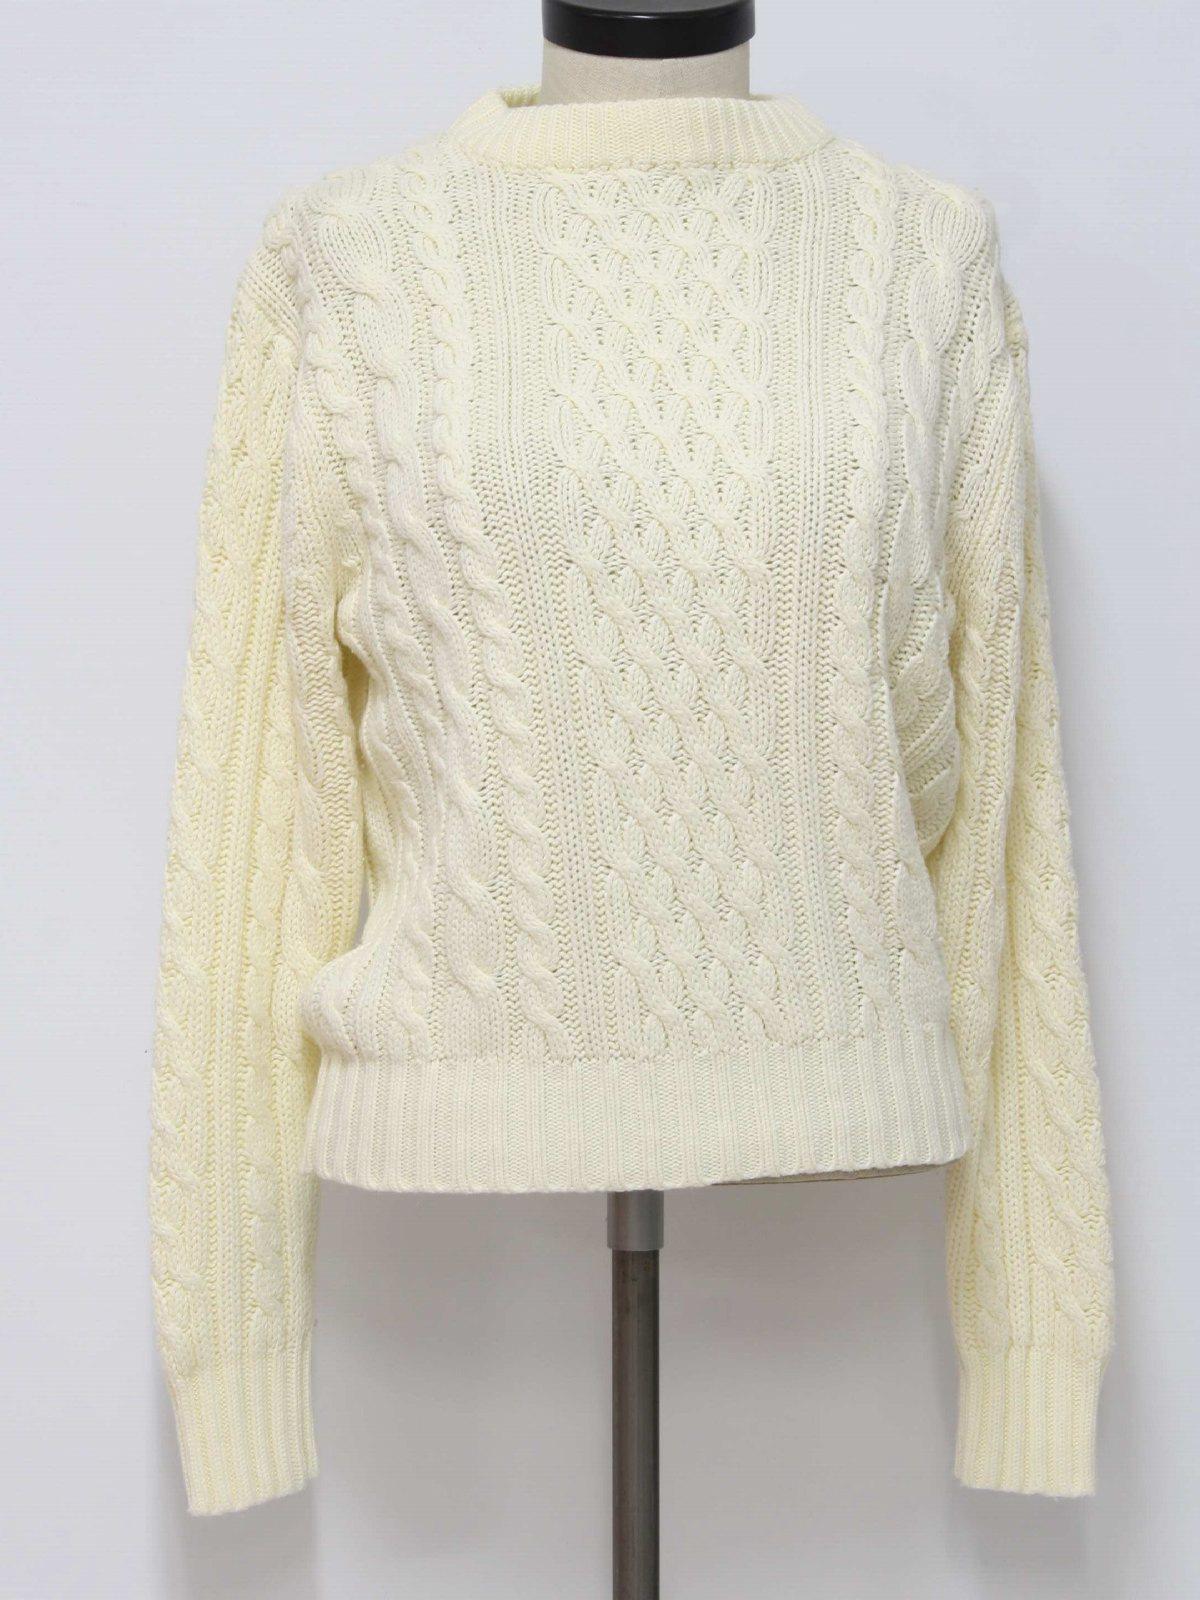 Vintage Sweater Emporium 1980s Sweater: 80s -Sweater Emporium ...